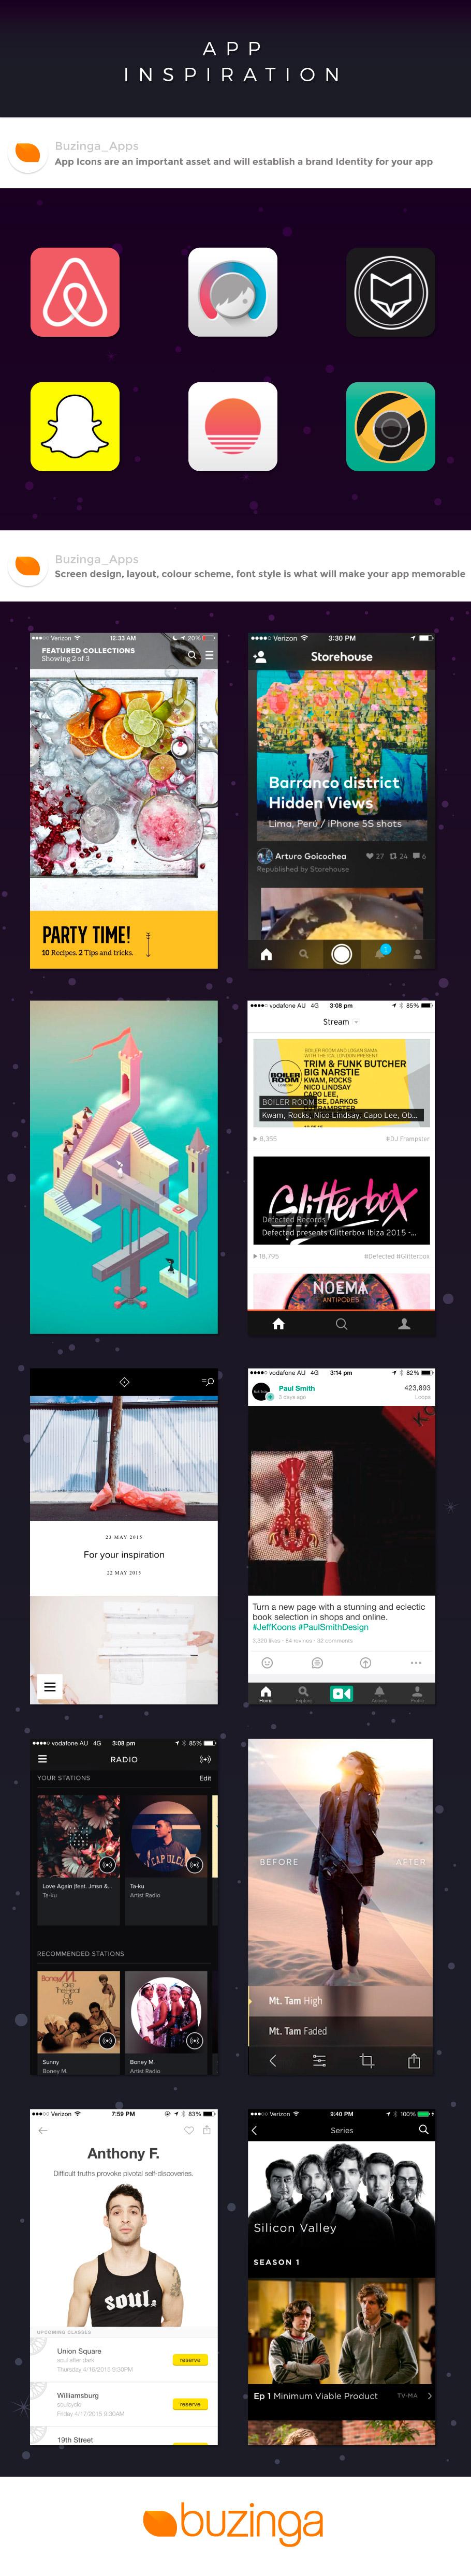 Mobile App UI Design Infographic